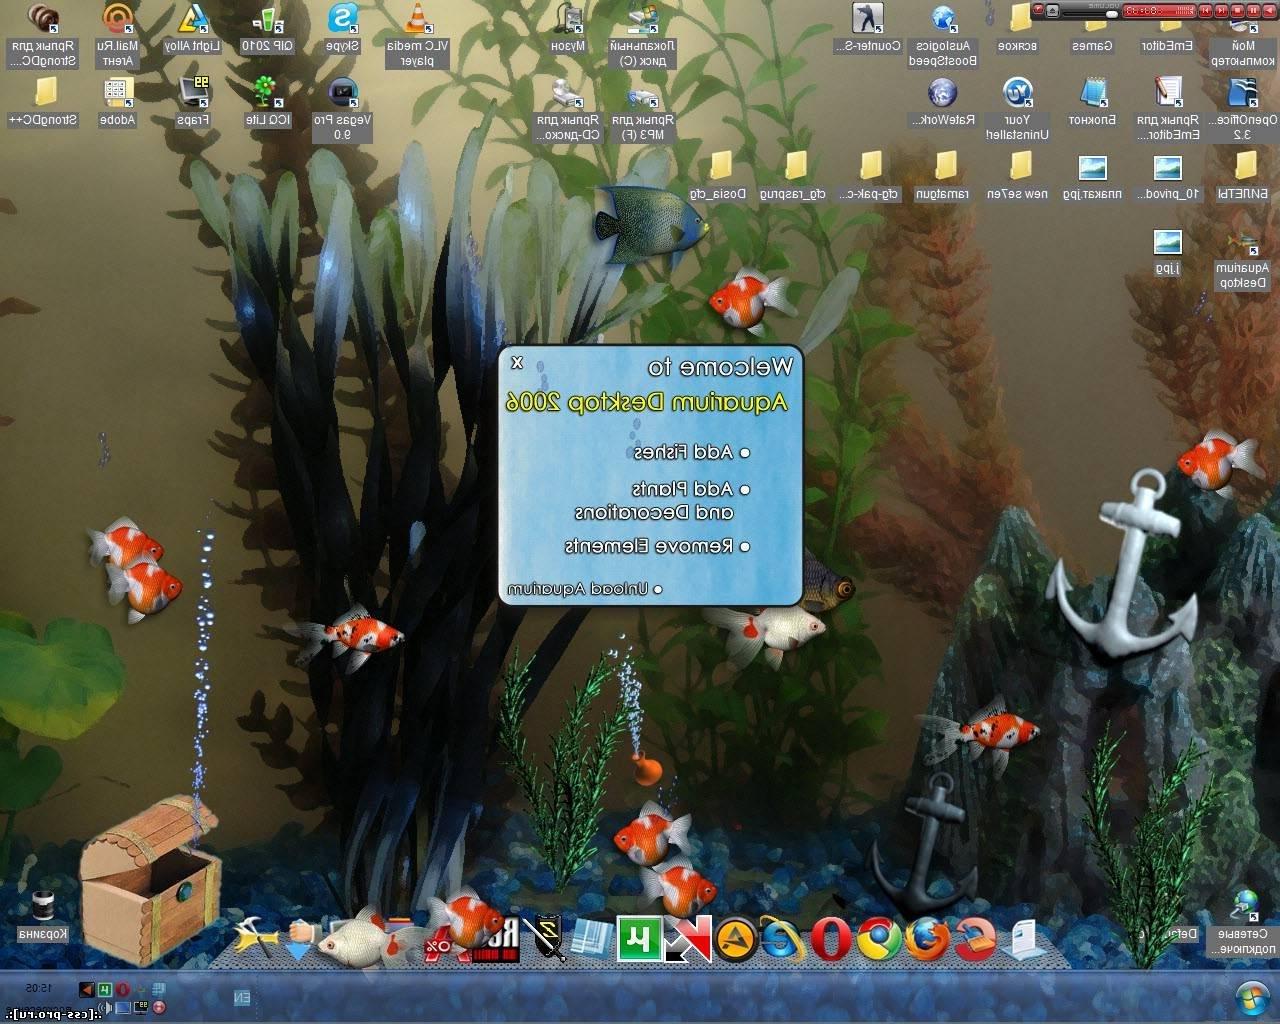 Скачать бесплатную программу для живых обоев windows 7 17